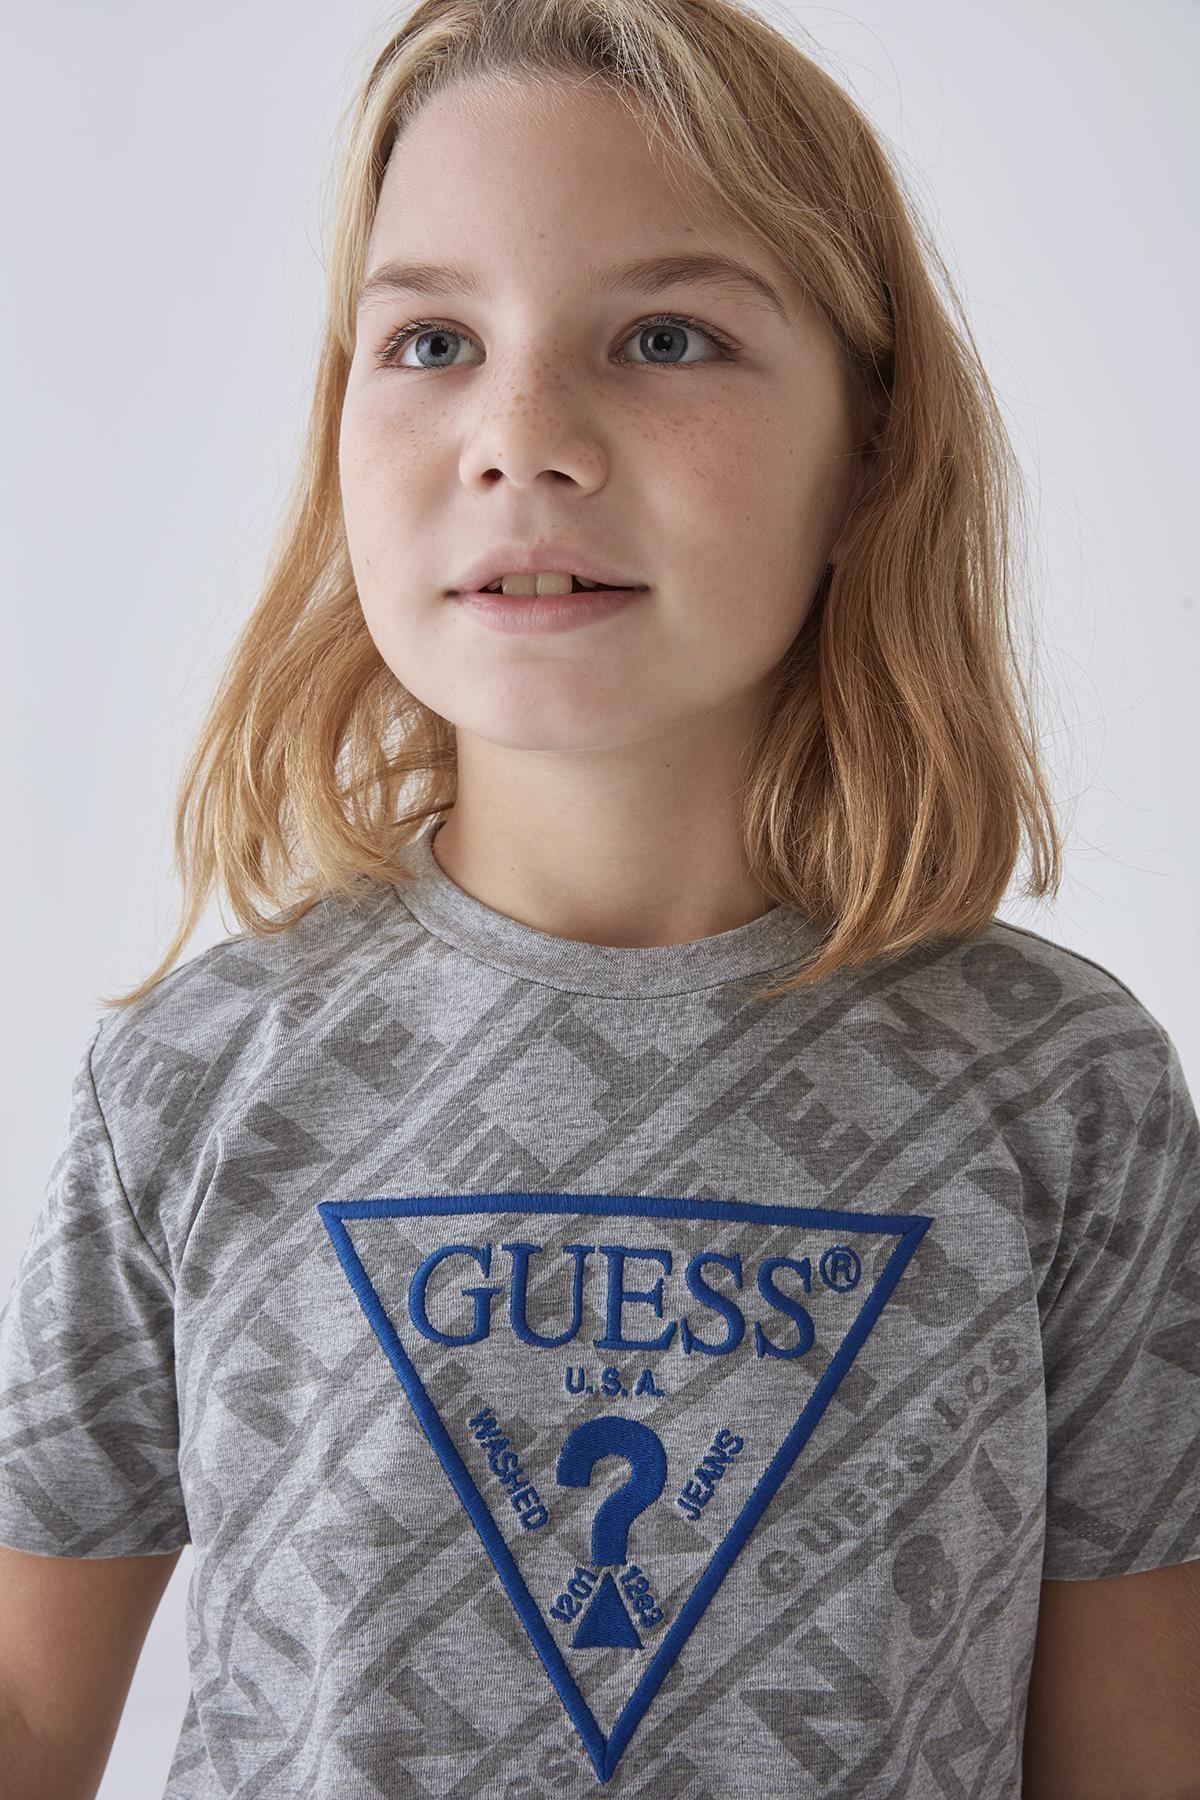 Guess Erkek Çocuk Gri T-shirt 20fwgl0yı03 2